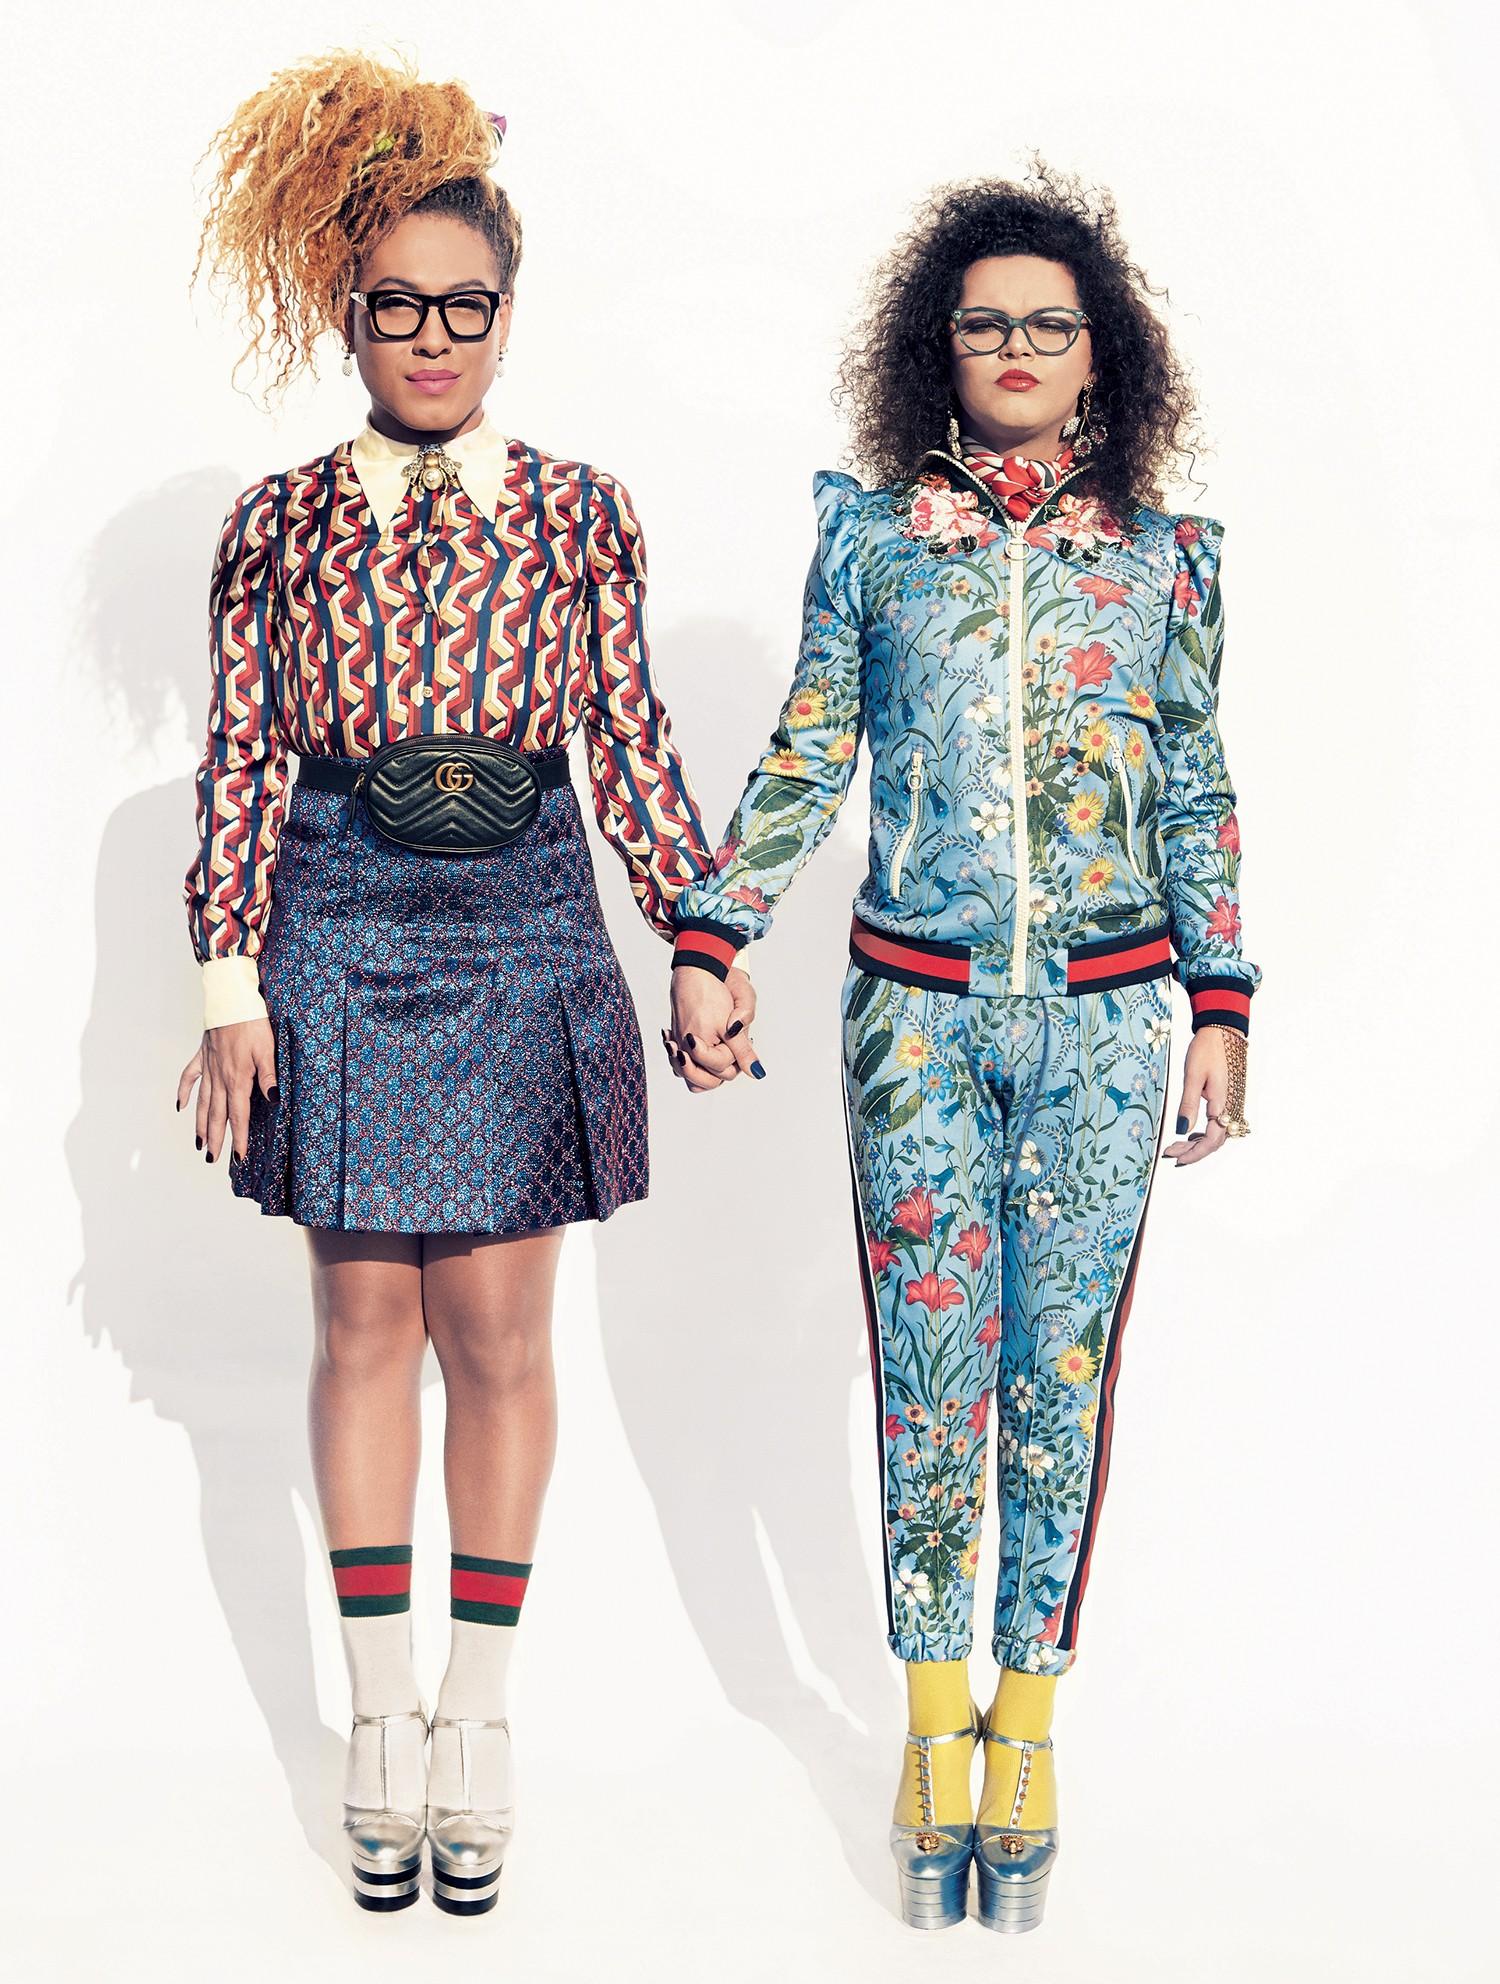 Raquel Virgínia usa camisa de cetim de seda (R$ 4.910), saia de lurex (R$ 4.530), lenço no cabelo (R$ 1.960), anel usado como broche (R$ 3.690) e sapatos (R$ 3.760). Assucena veste jaqueta (R$ 8.310) e calça (R$ 4.160), ambas de jérsei, brincos (R$ 2.860) (Foto: Cassia Tabatini)